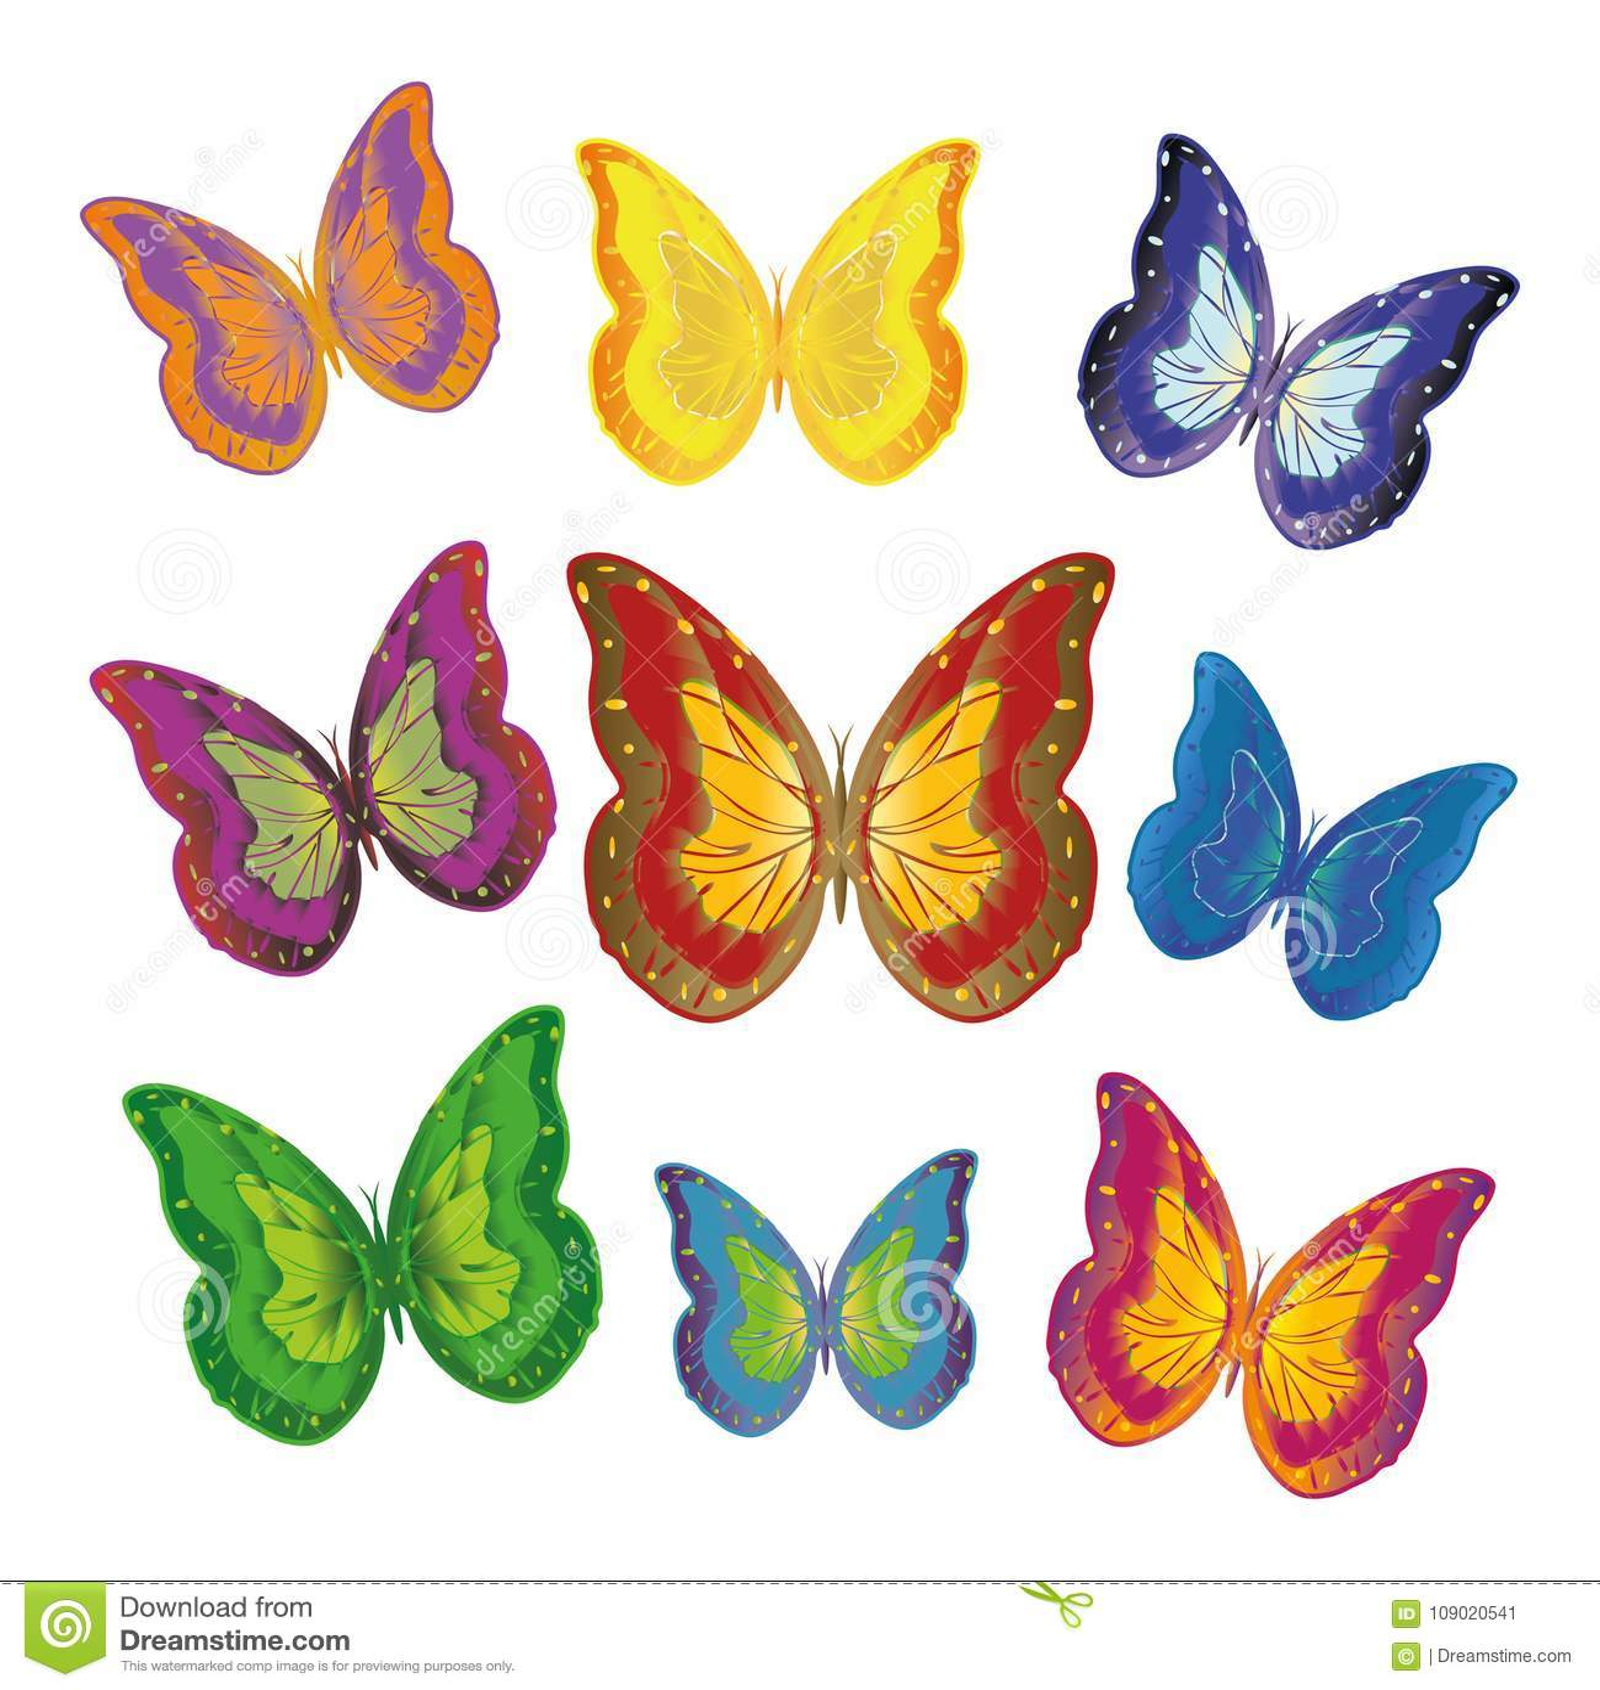 Stubarwni motyle kolory żółci, błękit, zieleń, mieszanka na białym tle